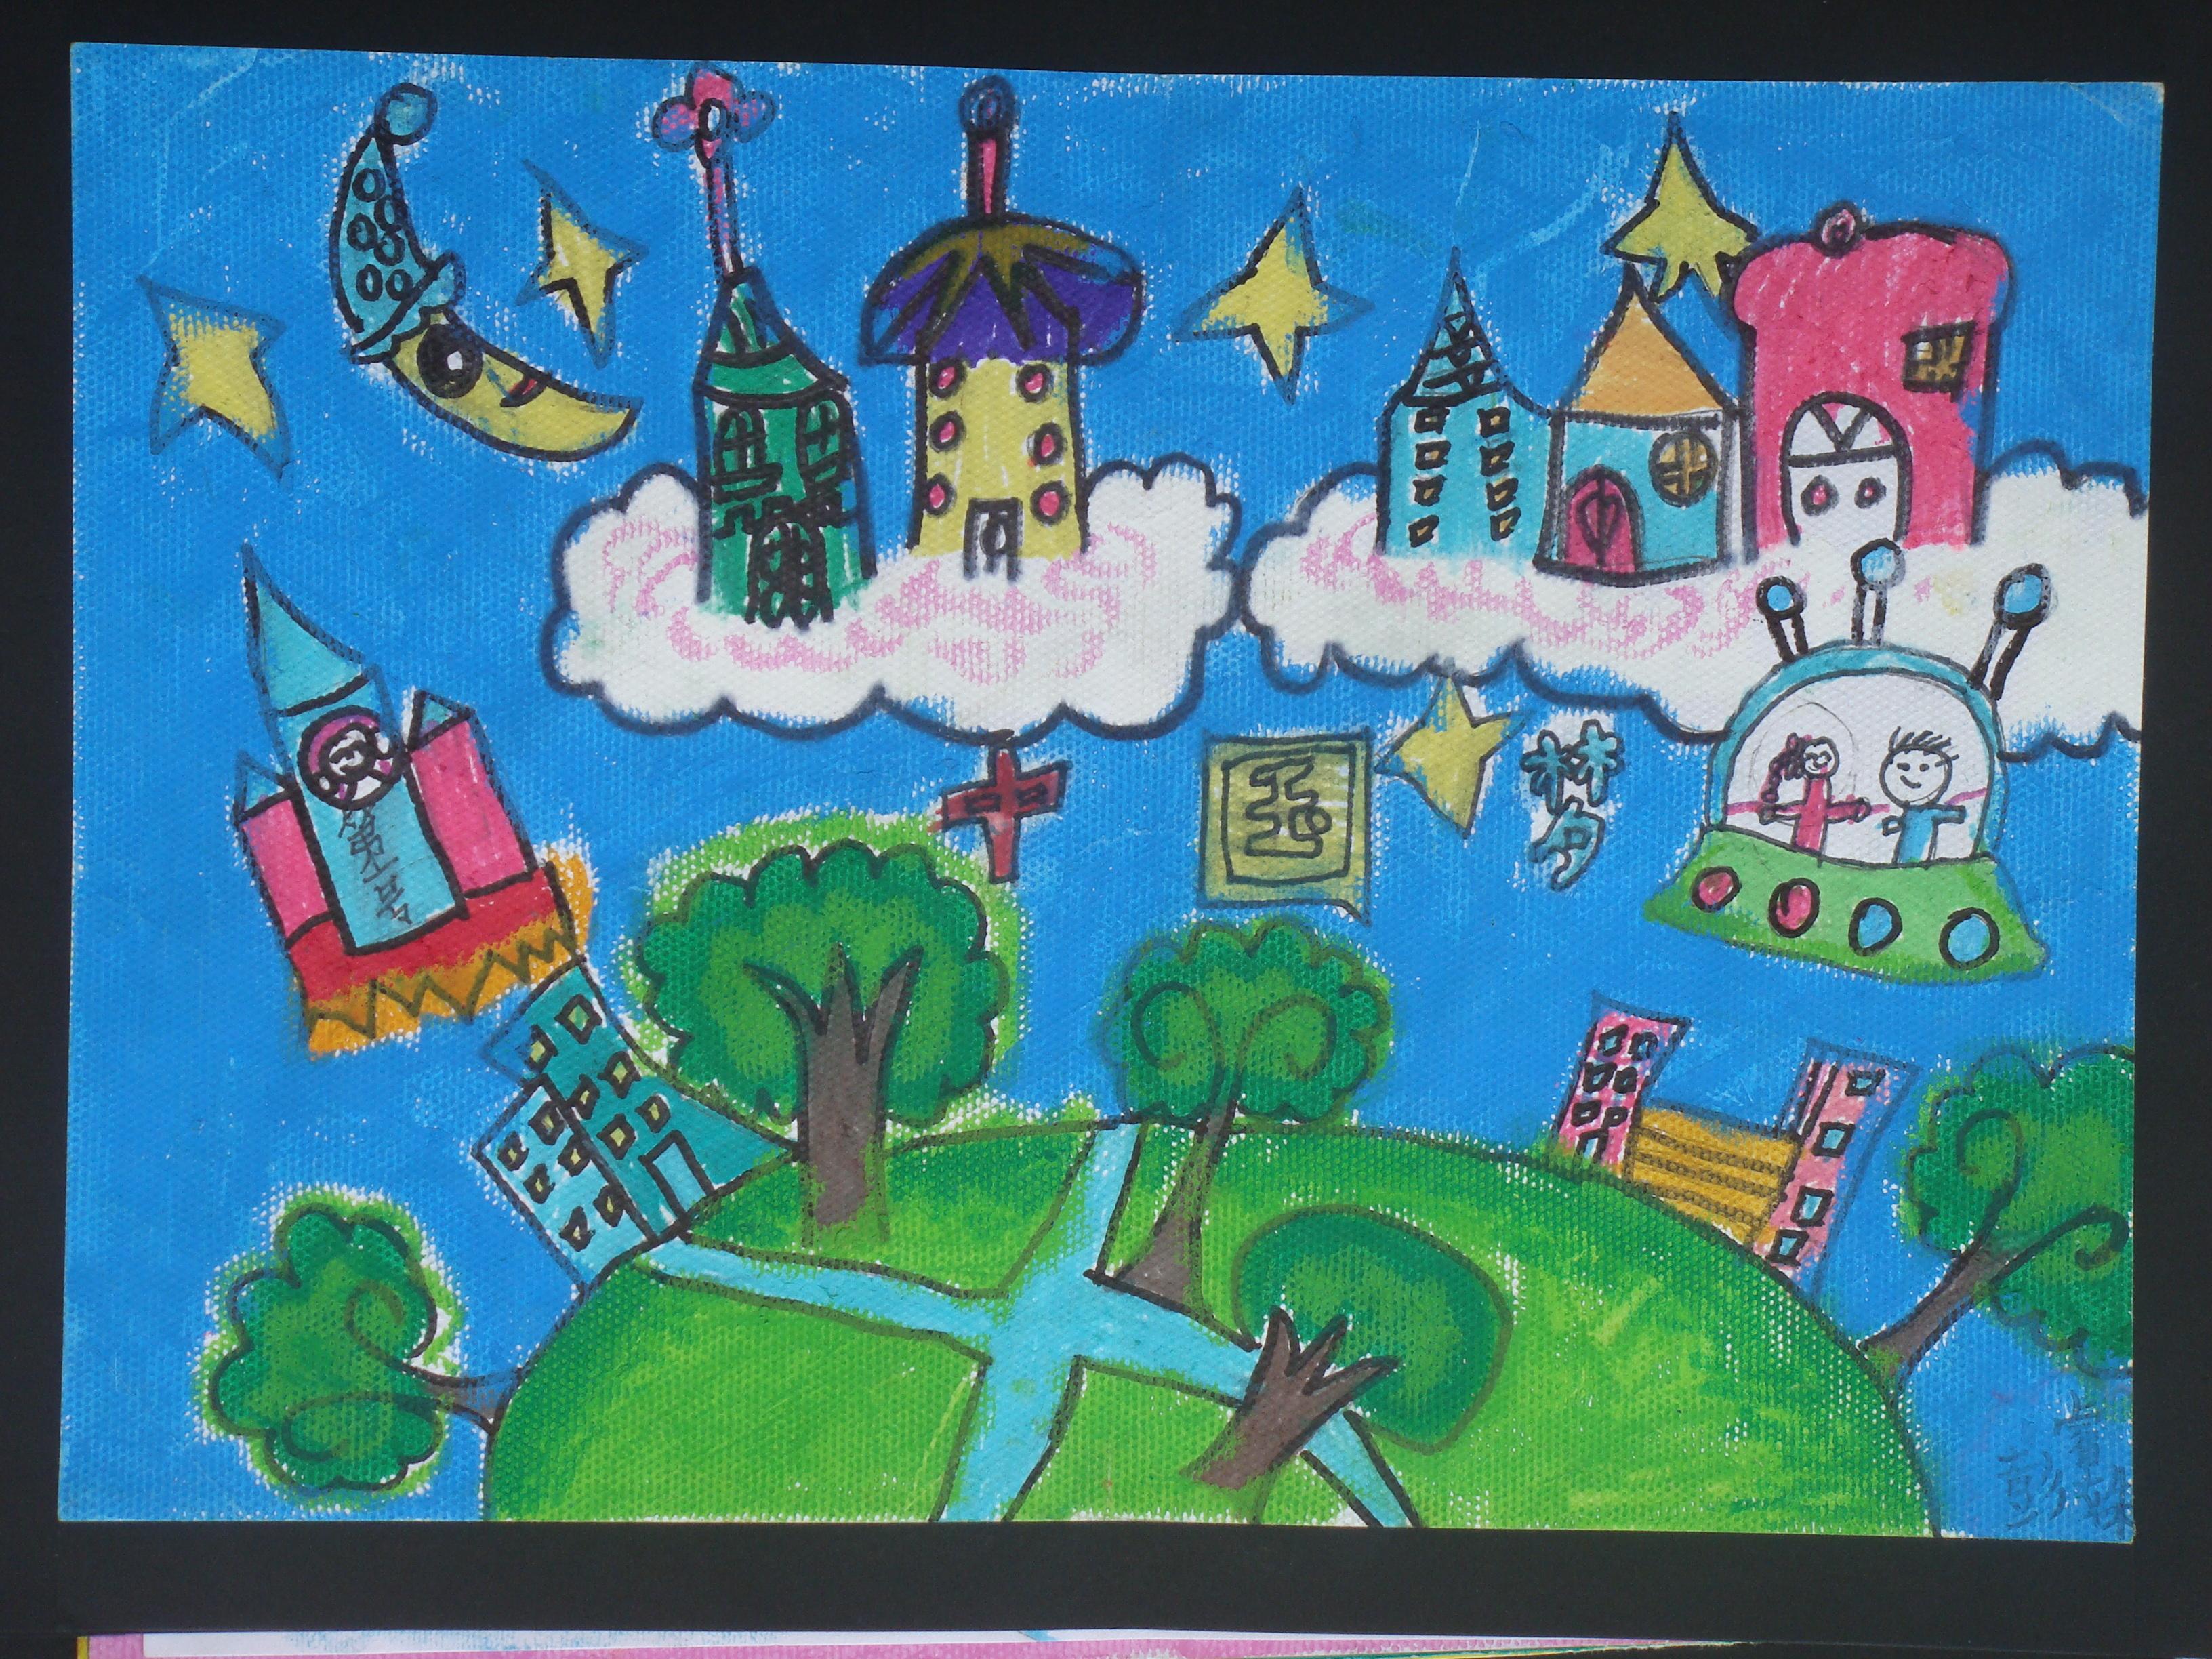 中国儿童环保教育计划绘画比赛作品8; 儿童画获奖作品:儿童画国际获奖图片